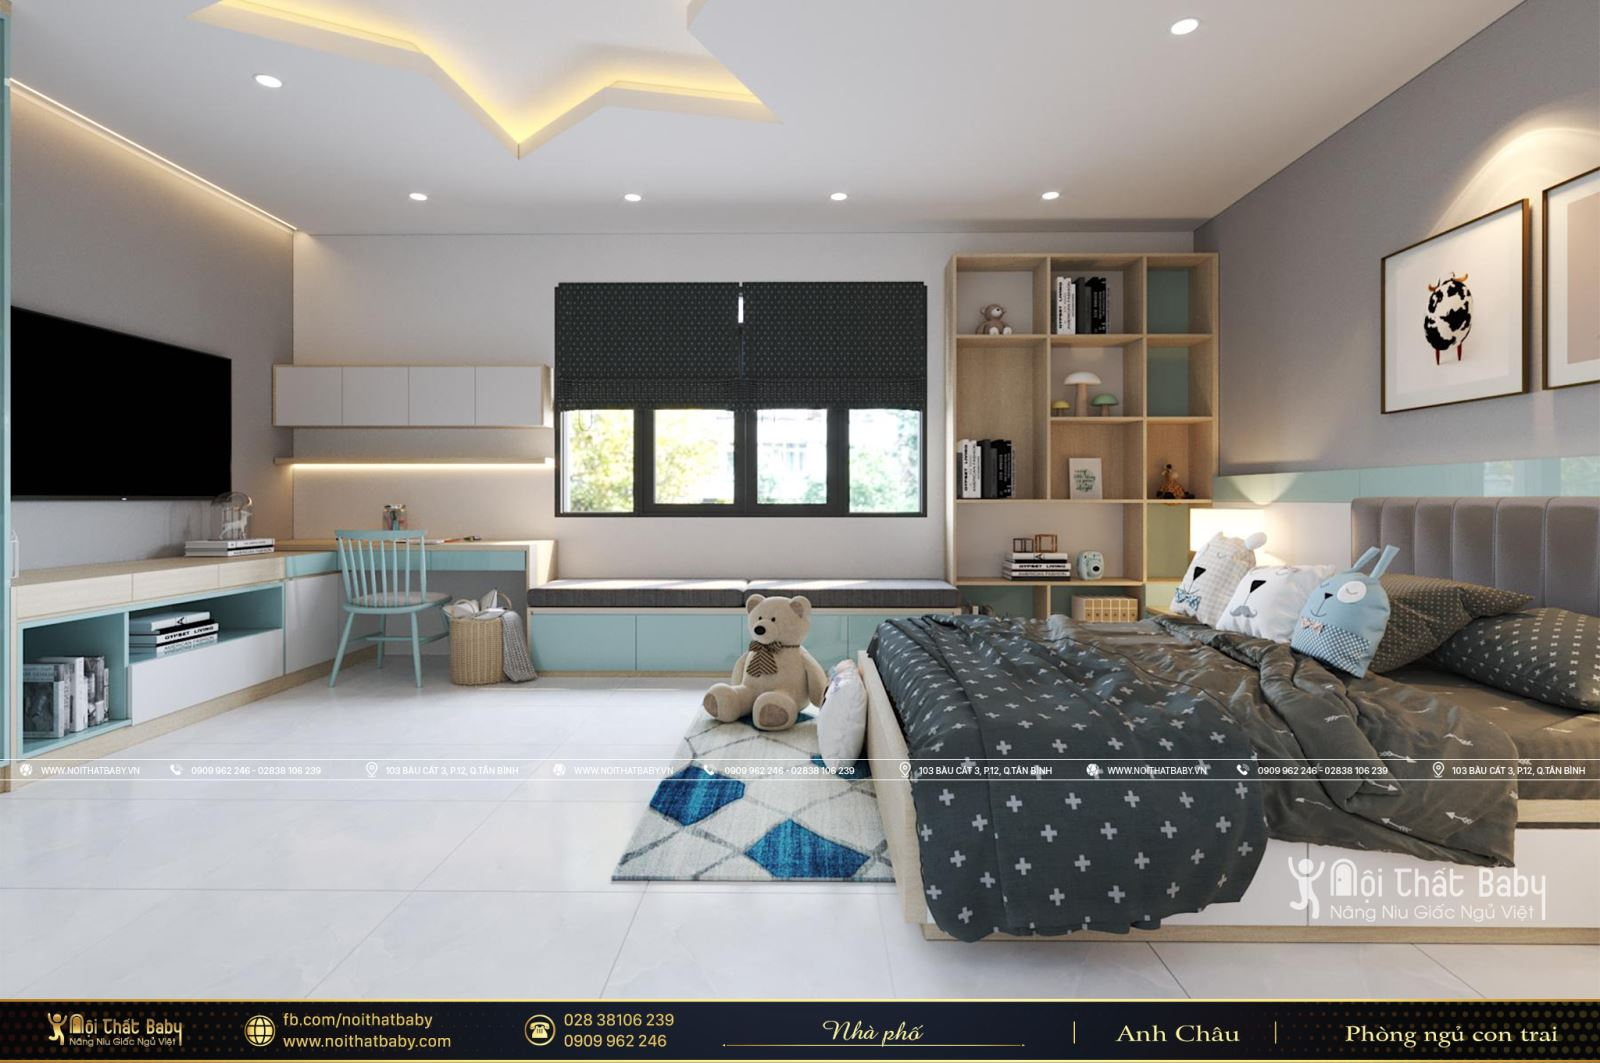 Thiết kế nội thất phòng ngủ bé trai hiện đại